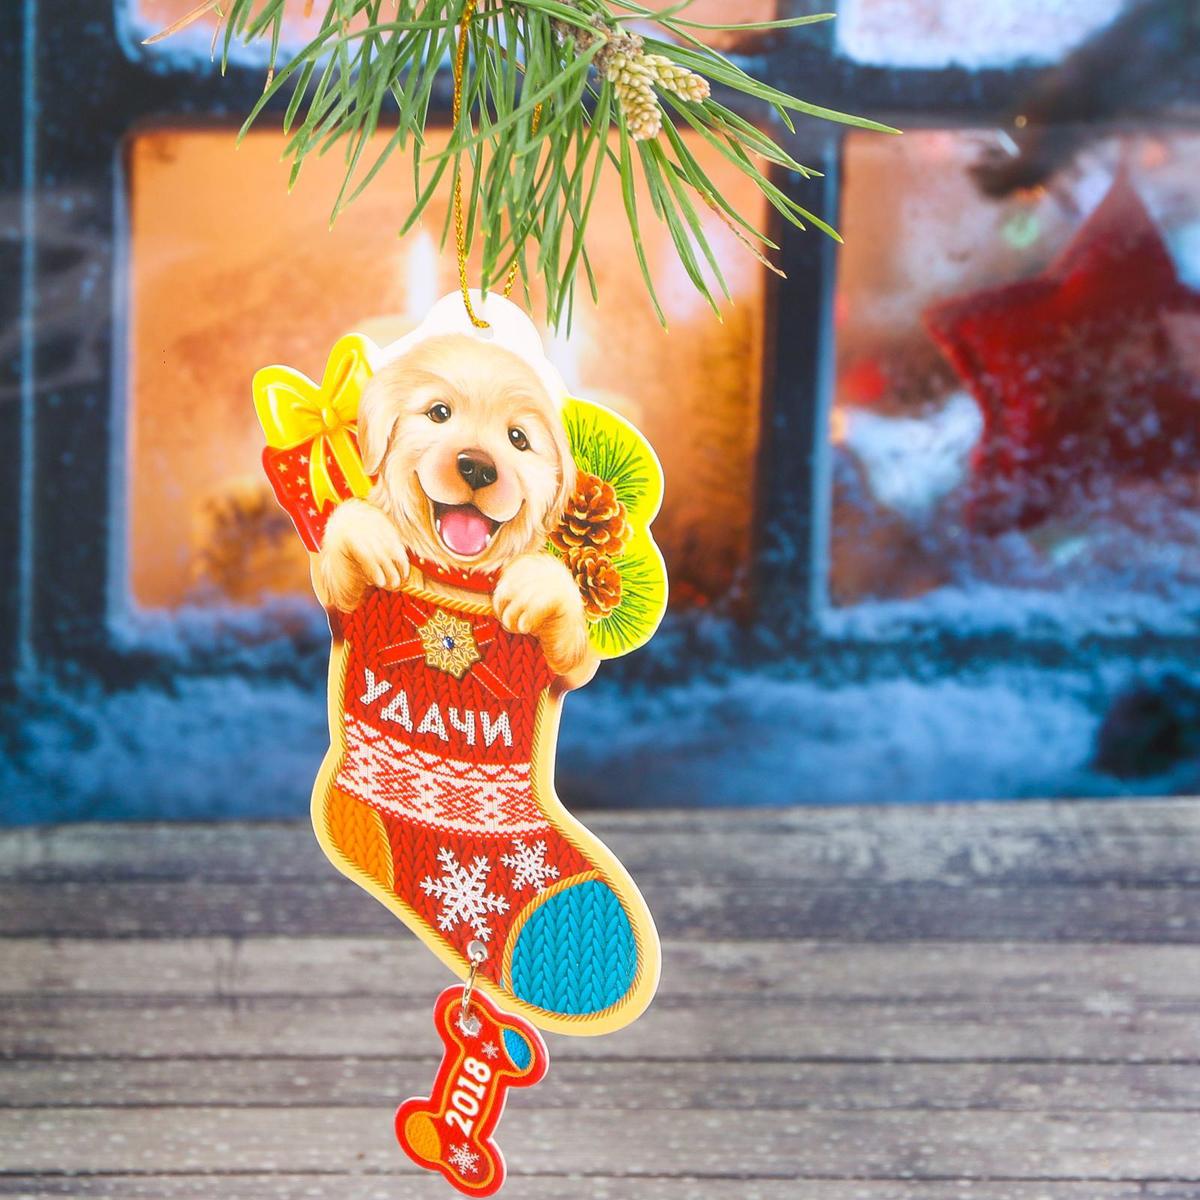 Набор новогодних подвесных украшений Sima-land Удачи, 6,1 х 10,3 см, 2 шт2268143Набор новогодних подвесных украшений Sima-land отлично подойдет для декорации вашего дома и новогодней ели. С помощью специальной петельки украшение можно повесить в любом понравившемся вам месте. Но, конечно, удачнее всего оно будет смотреться на праздничной елке. Елочная игрушка - символ Нового года. Она несет в себе волшебство и красоту праздника. Создайте в своем доме атмосферу веселья и радости, украшая новогоднюю елку нарядными игрушками, которые будут из года в год накапливать теплоту воспоминаний.